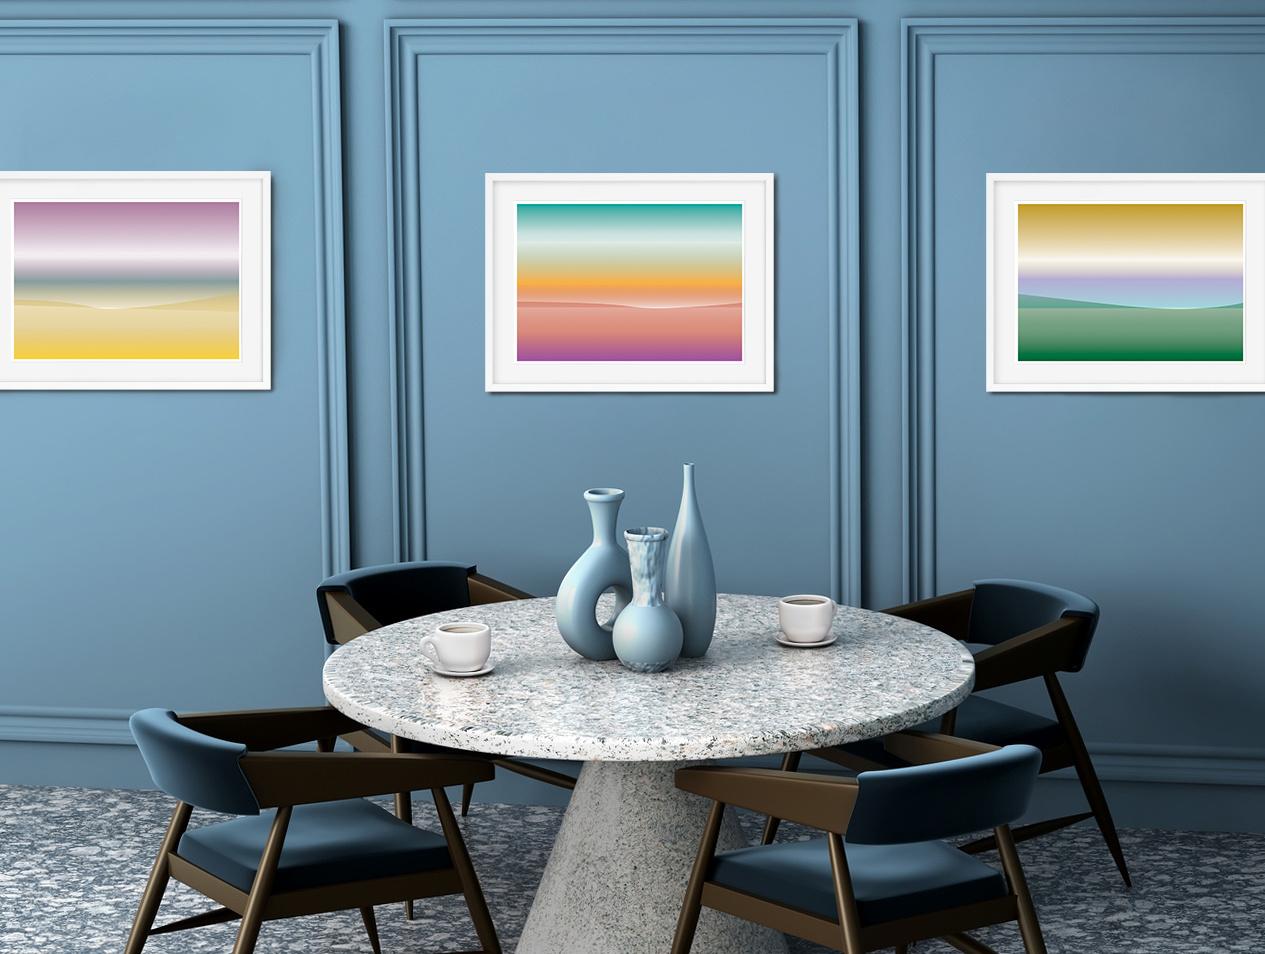 gradient landscapes